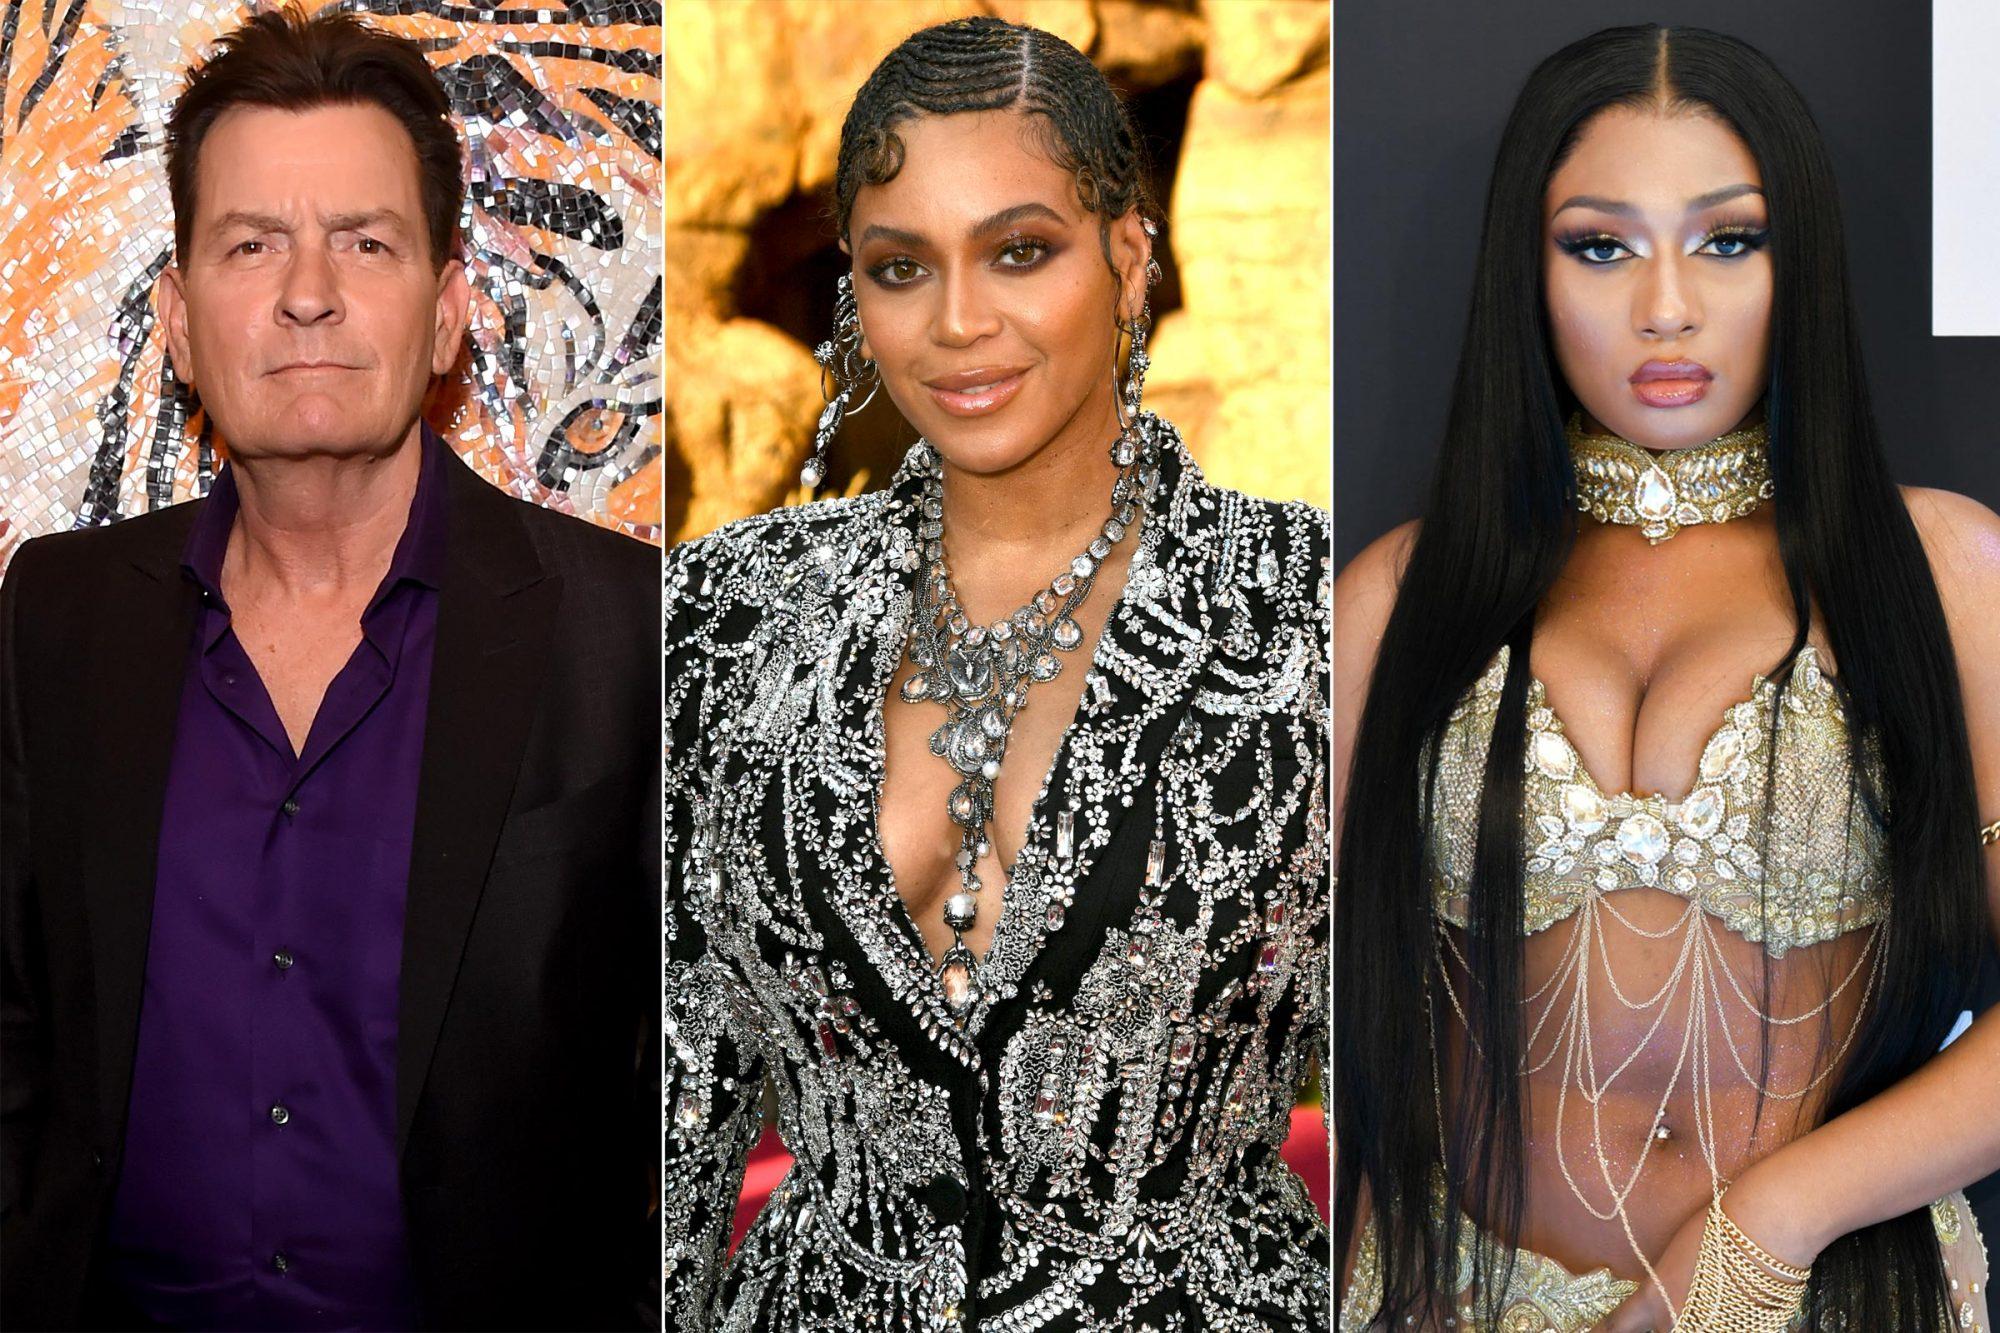 Charlie Sheen / Beyoncé / Megan Thee Stallion